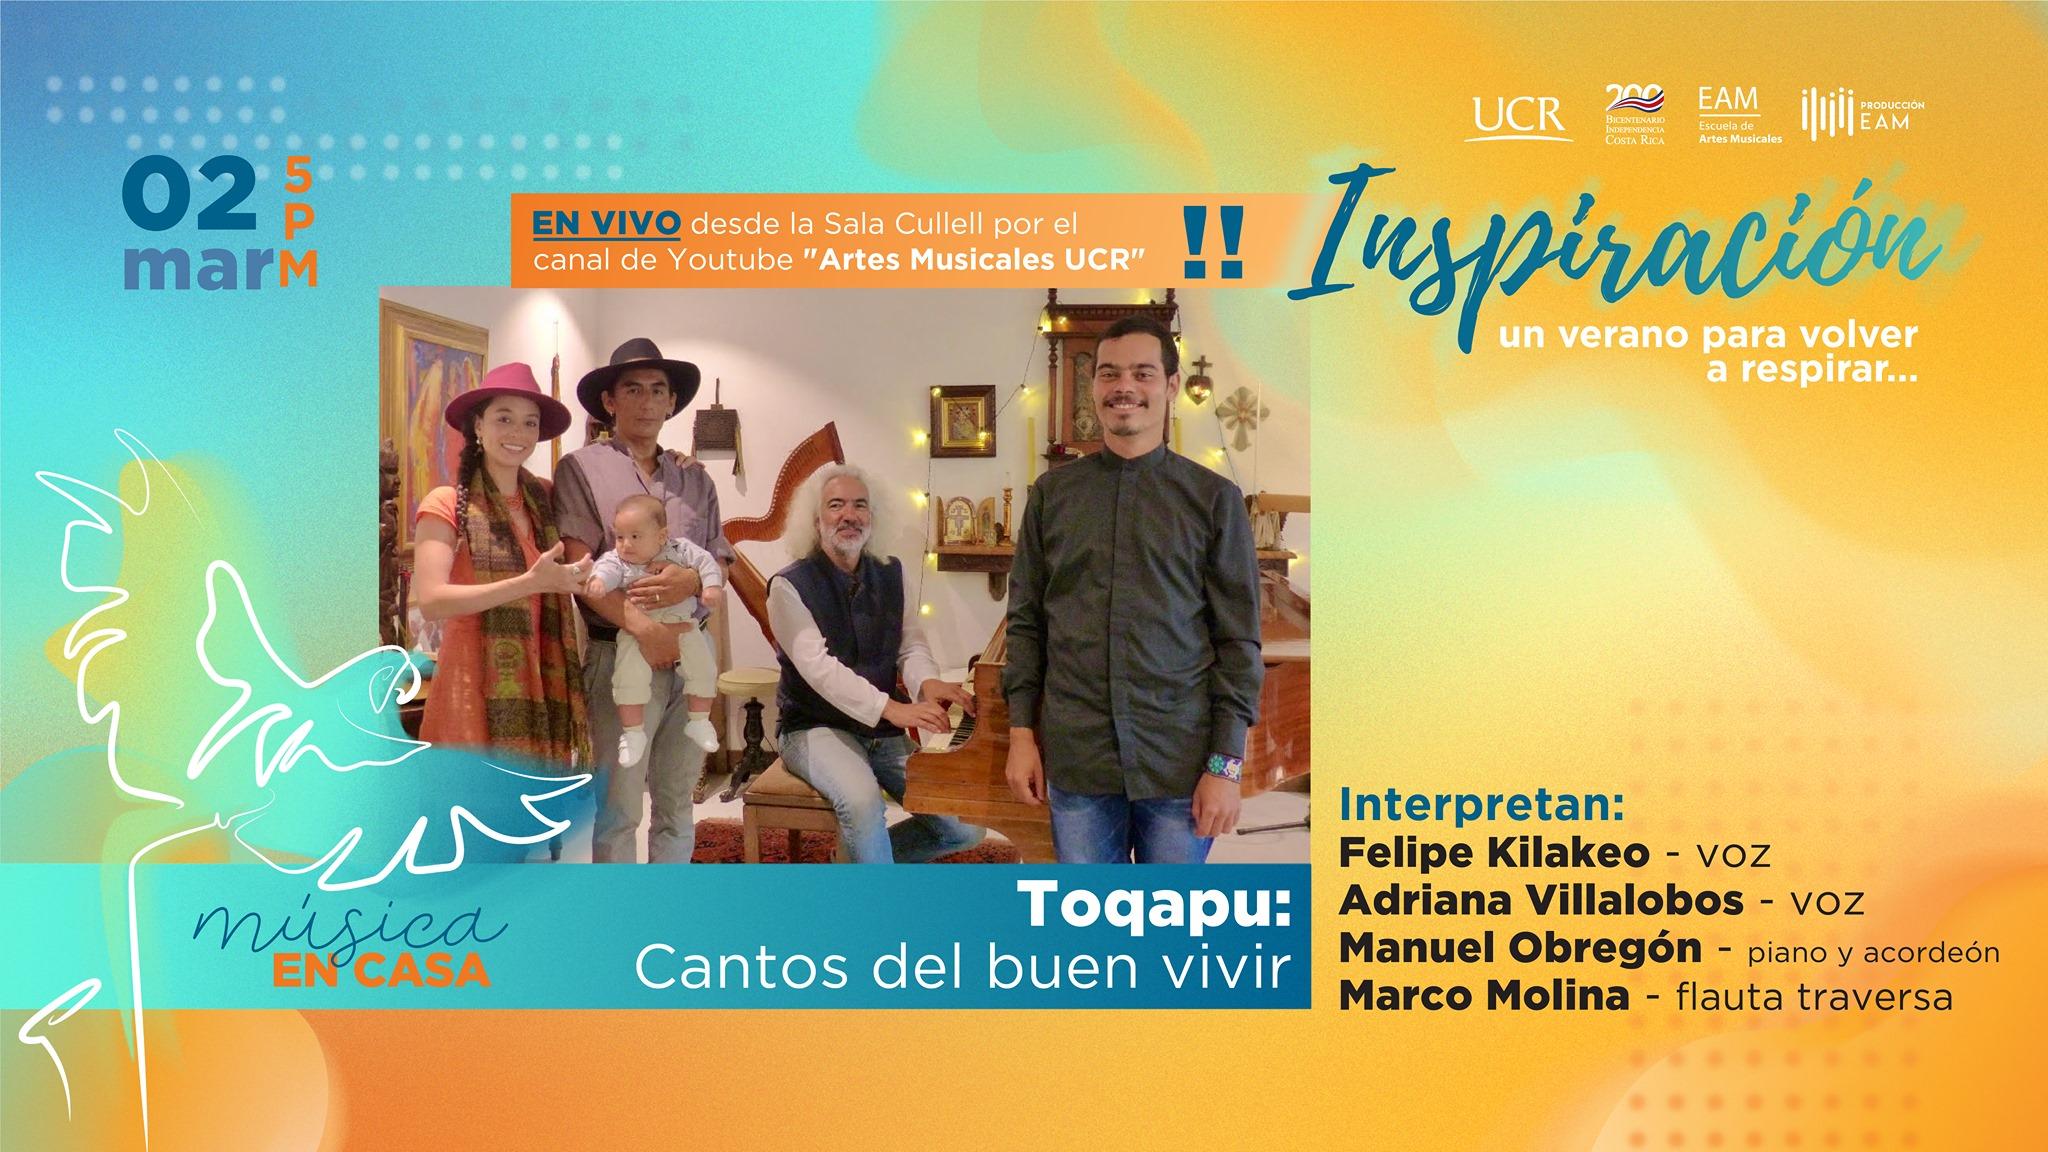 Toqapu: Cantos del Buen Vivir